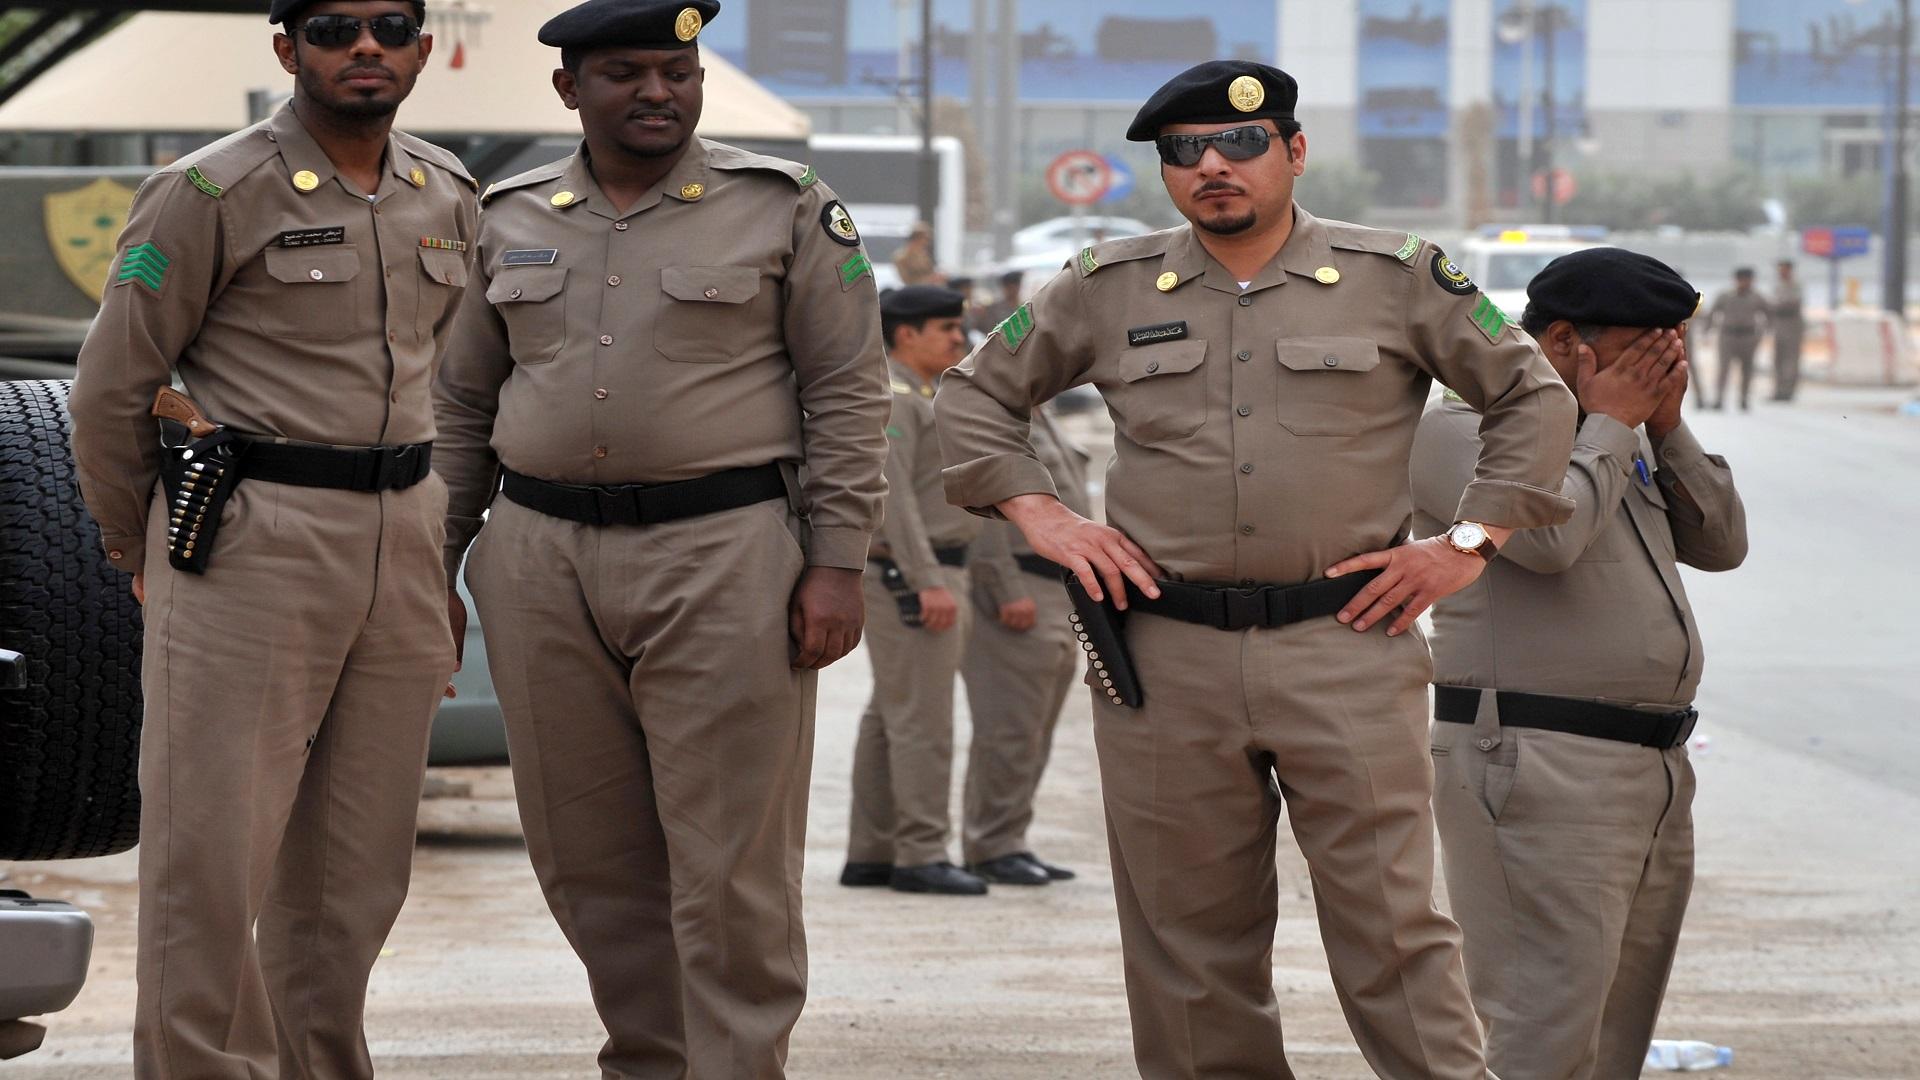 صورة وفاة داعية سعودي داخل السجن و تهم بإهماله طبيا تلاحق السعودية